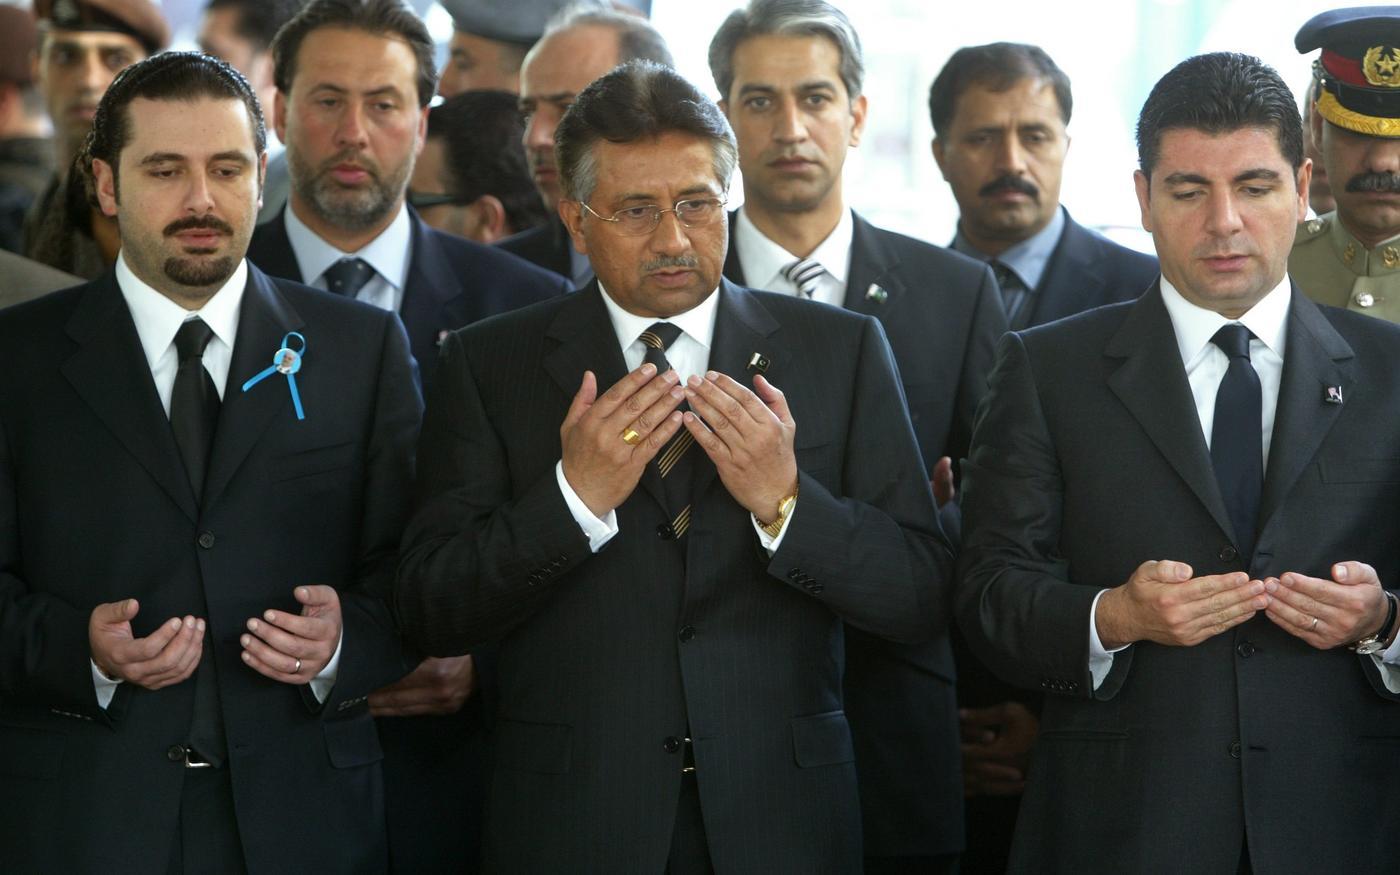 Le président pakistanais de l'époque Pervez Musharraf (au centre) est accompagné de Saad (àgauche) et Bahaa Hariri (àdroite), à Beyrouth en2005 (Reuters)